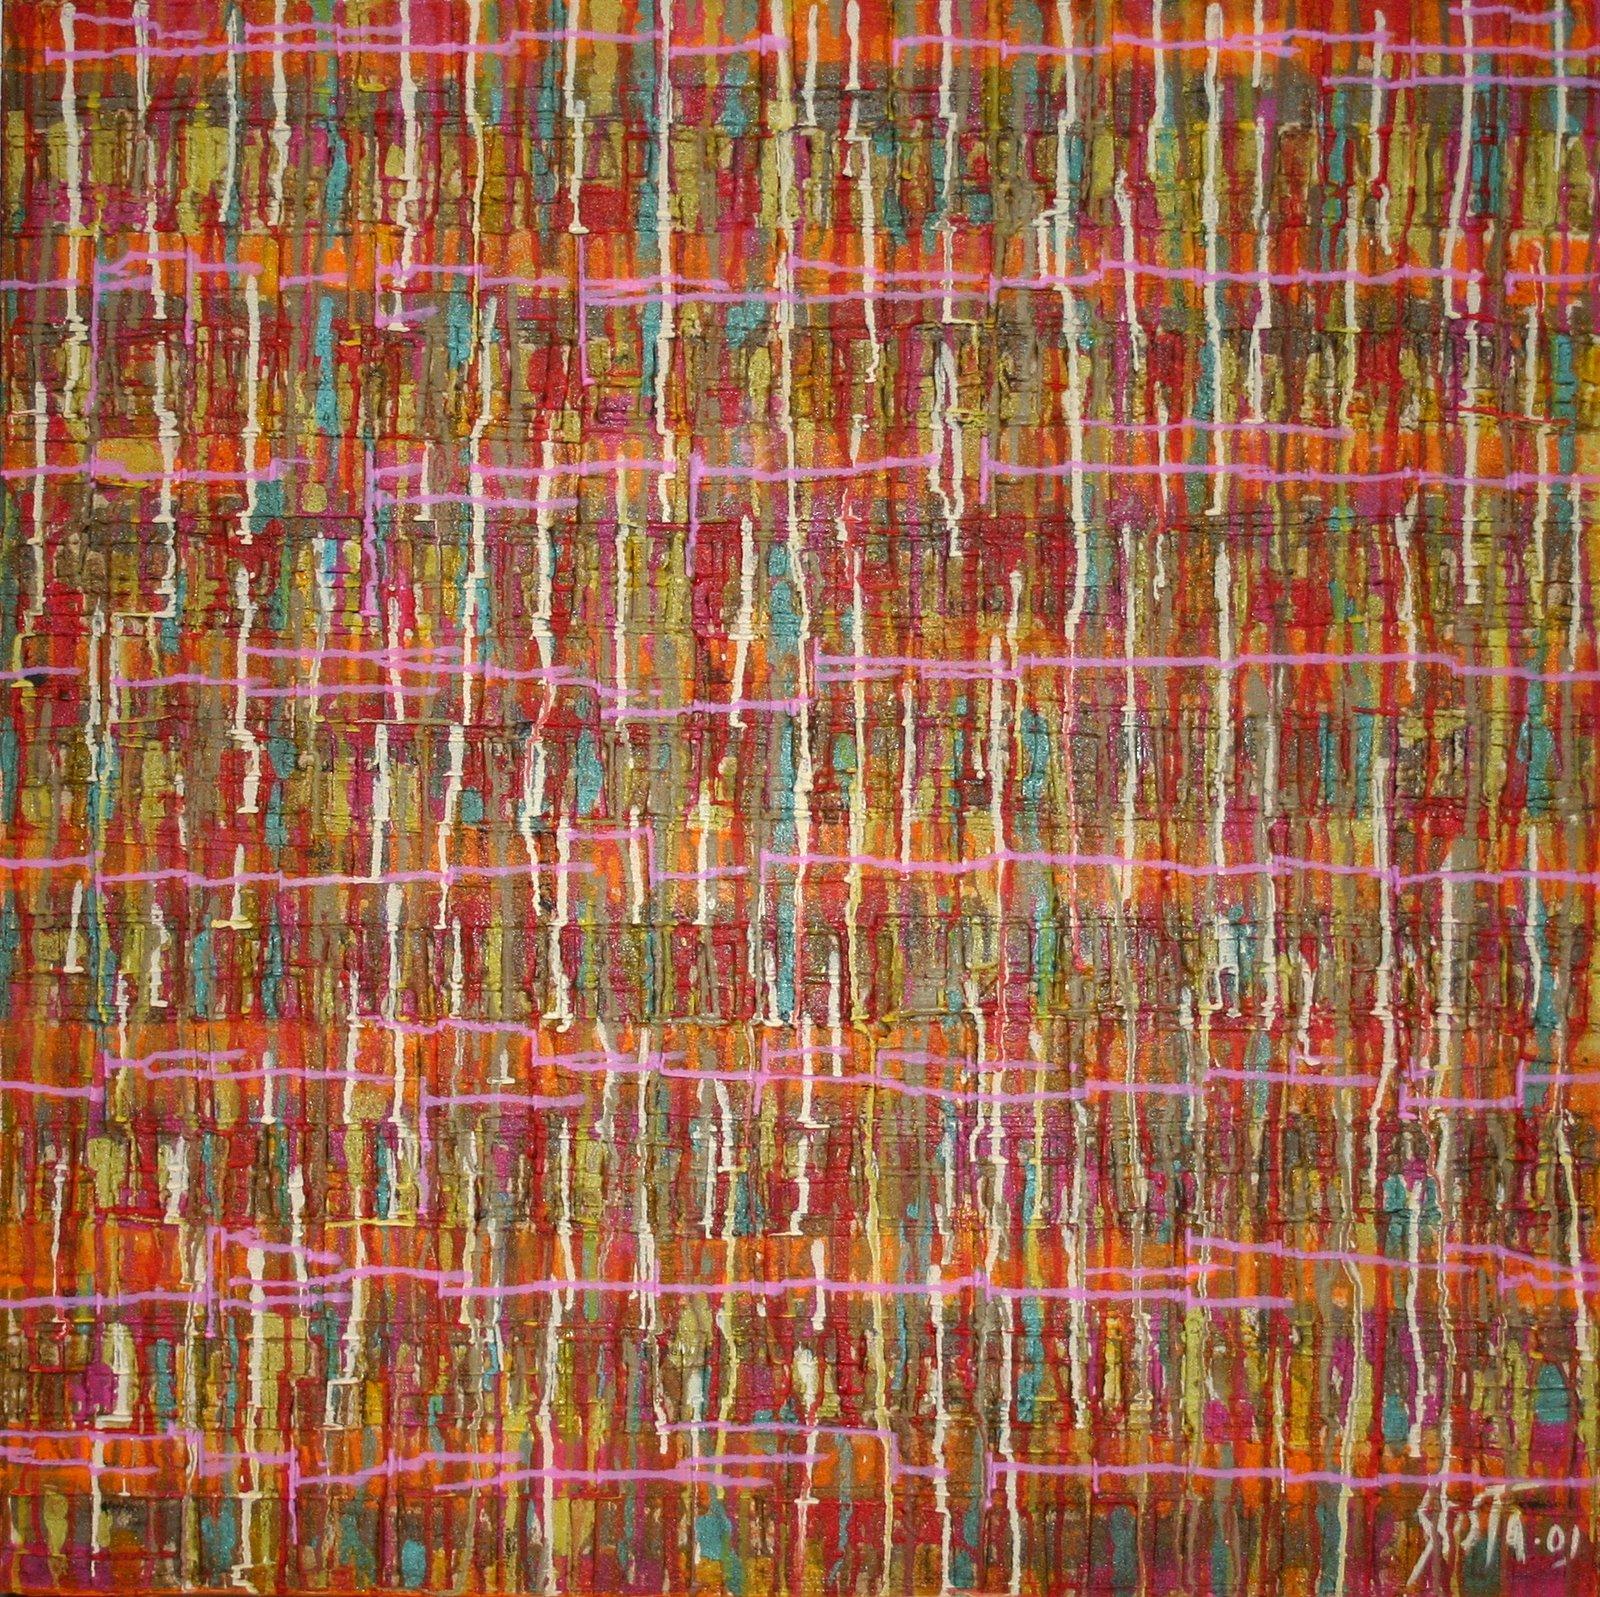 Tableau Contemporain, Streaming colours 2. Sophie Costa, artiste peintre.